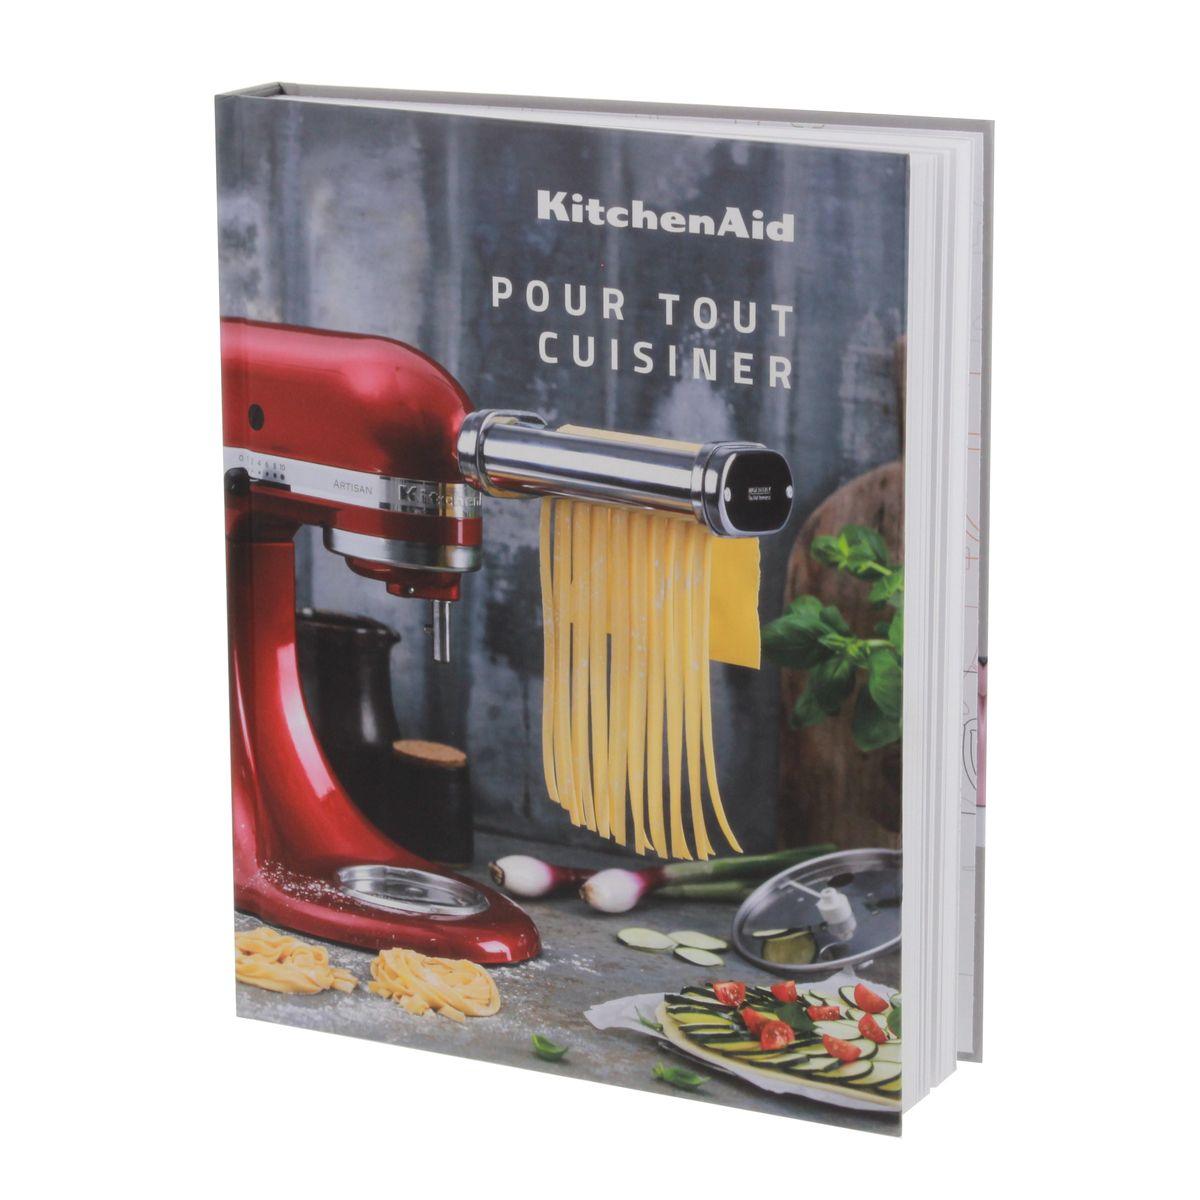 Kitchenaid, pour tout cuisiner - Lec Ducasse